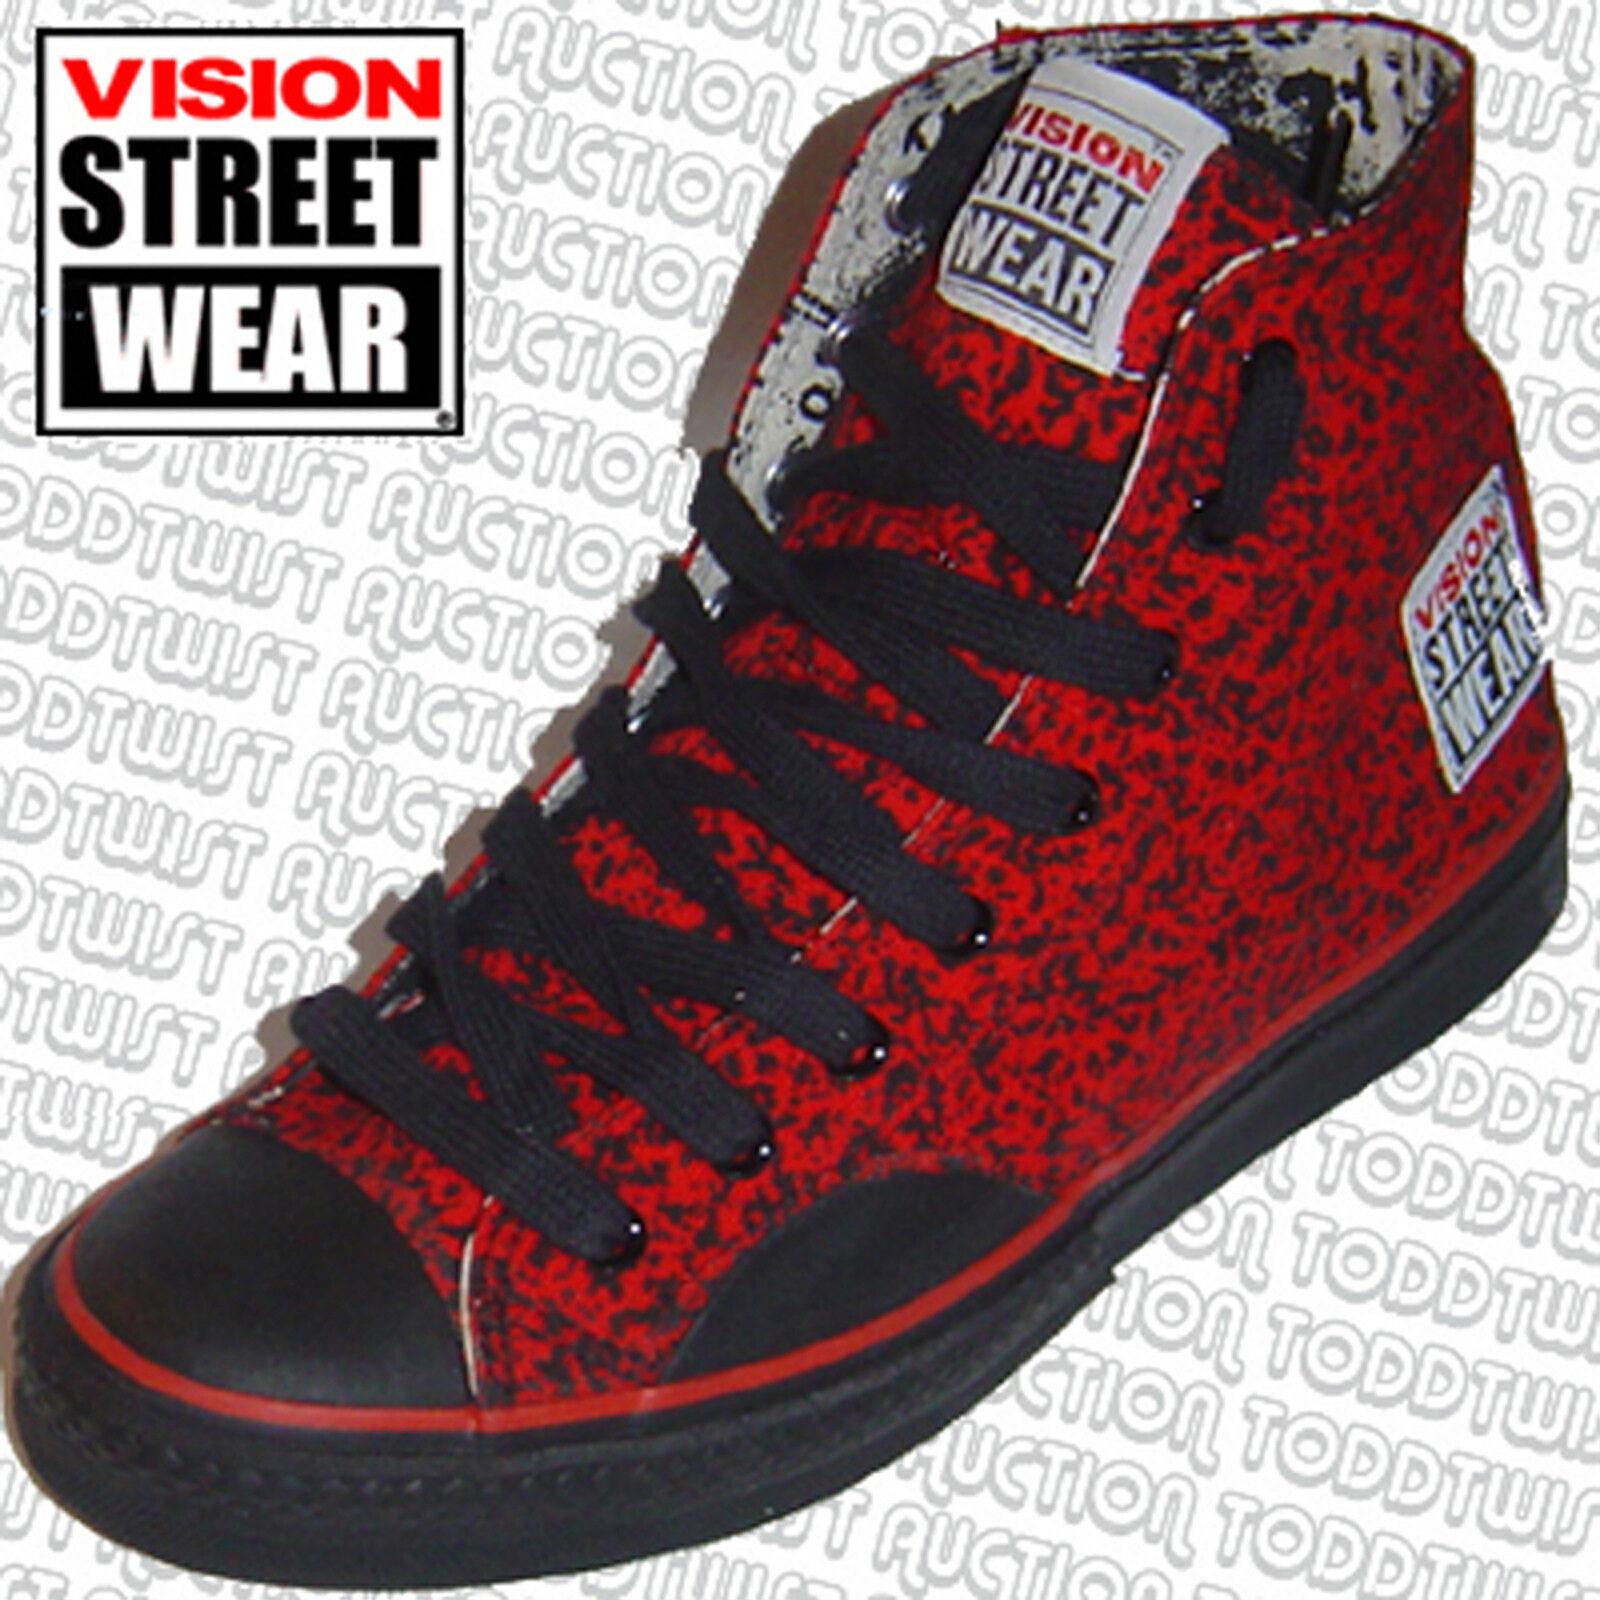 Vision Street Wear '80er Jahre Skateboard Schuhe Rot Tupf Hoch 7 UK 8 USA    | Erste Kunden Eine Vollständige Palette Von Spezifikationen